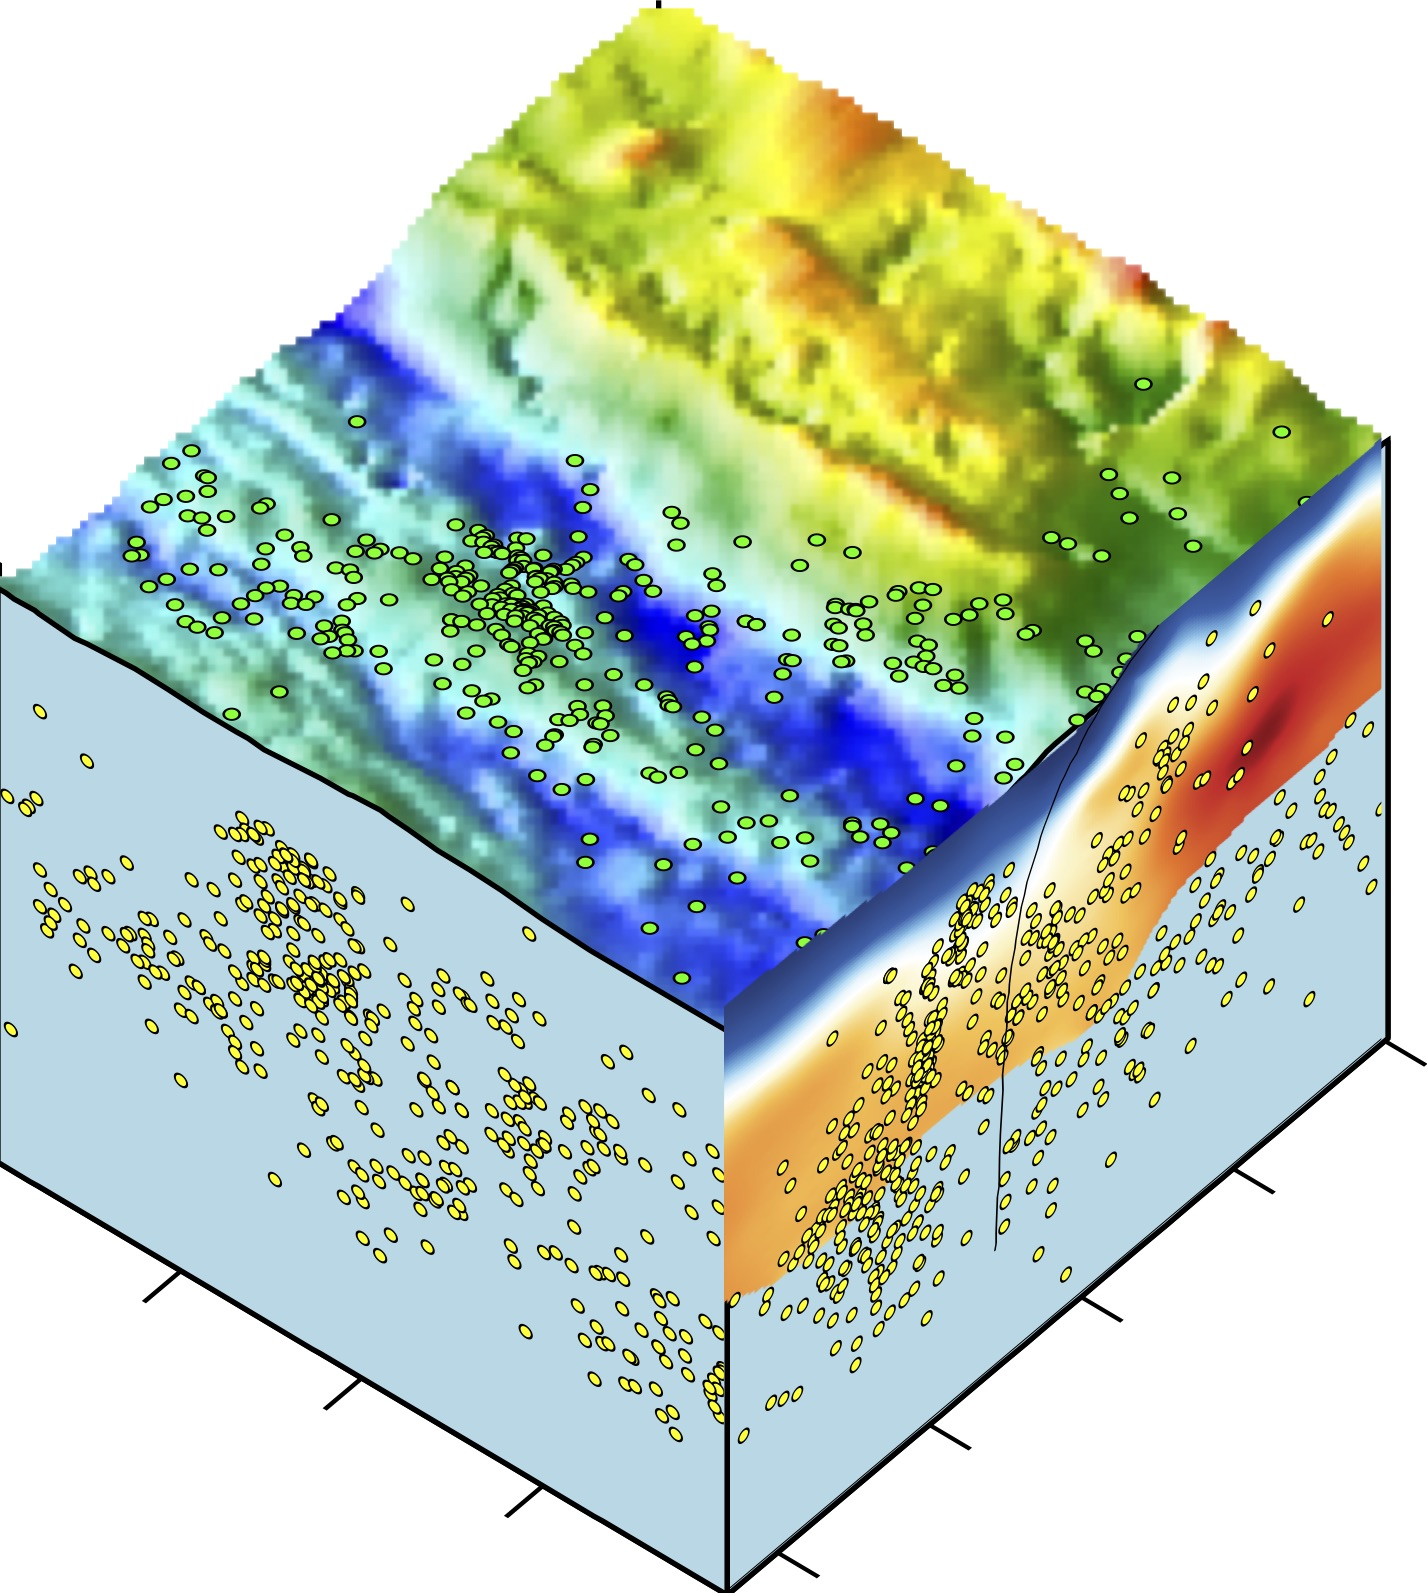 Figure 1 (d)